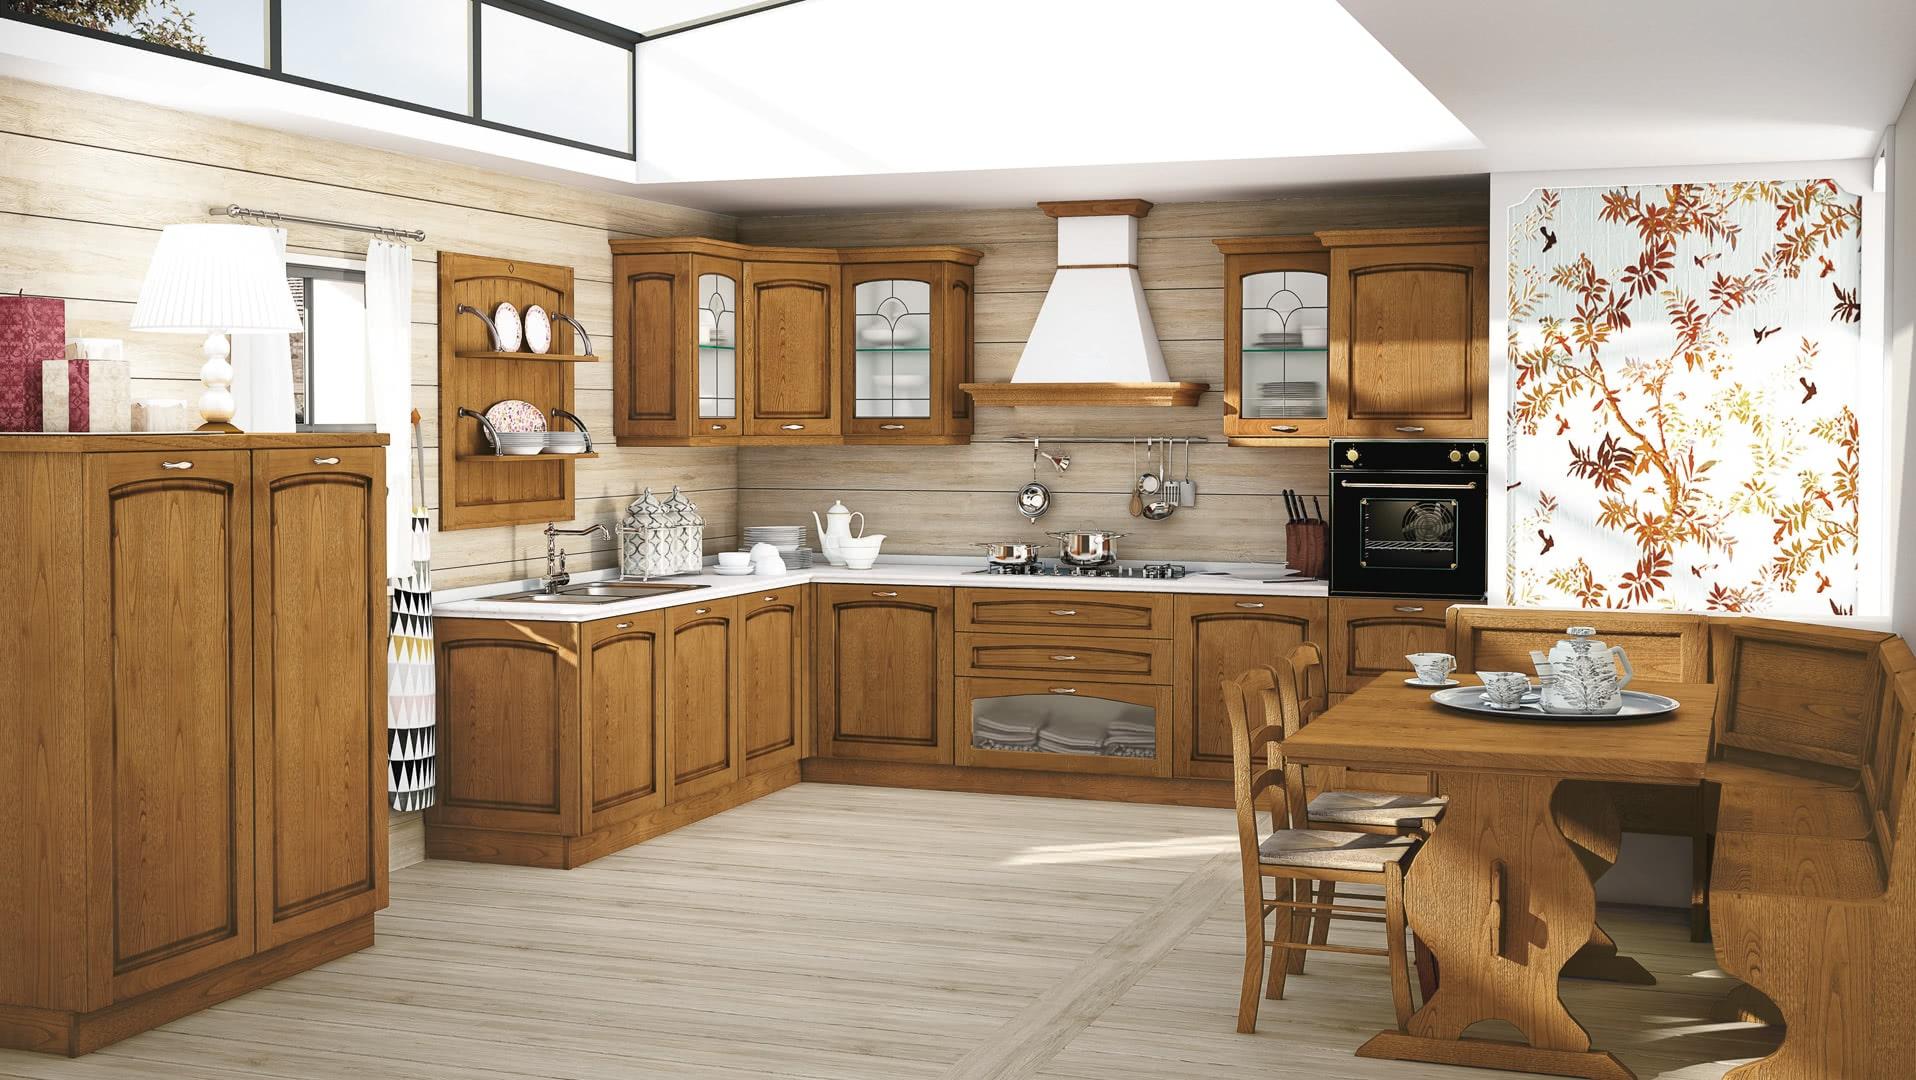 Cucina malin Lube Creo Store Stradella